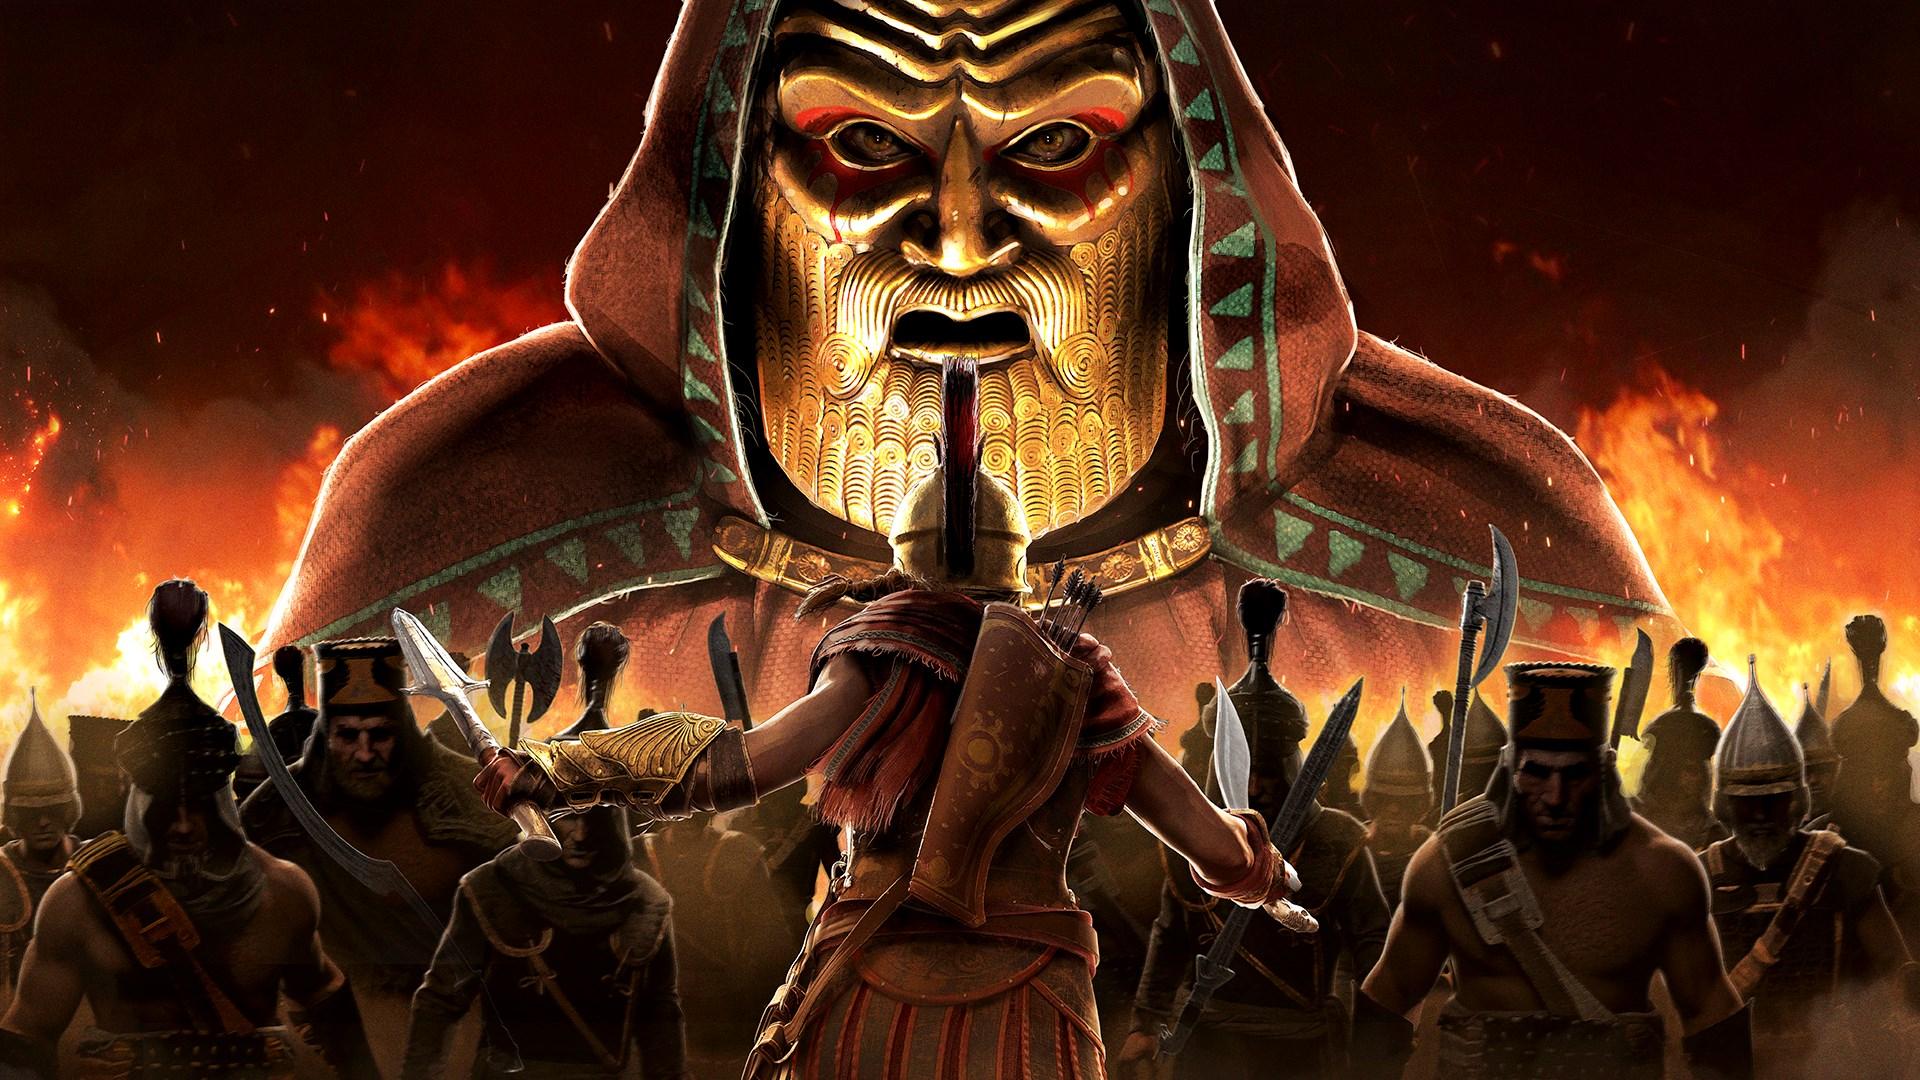 Assassin's Creed© Odyssey: El legado de la primera hoja- Episodio 3: Bloodline